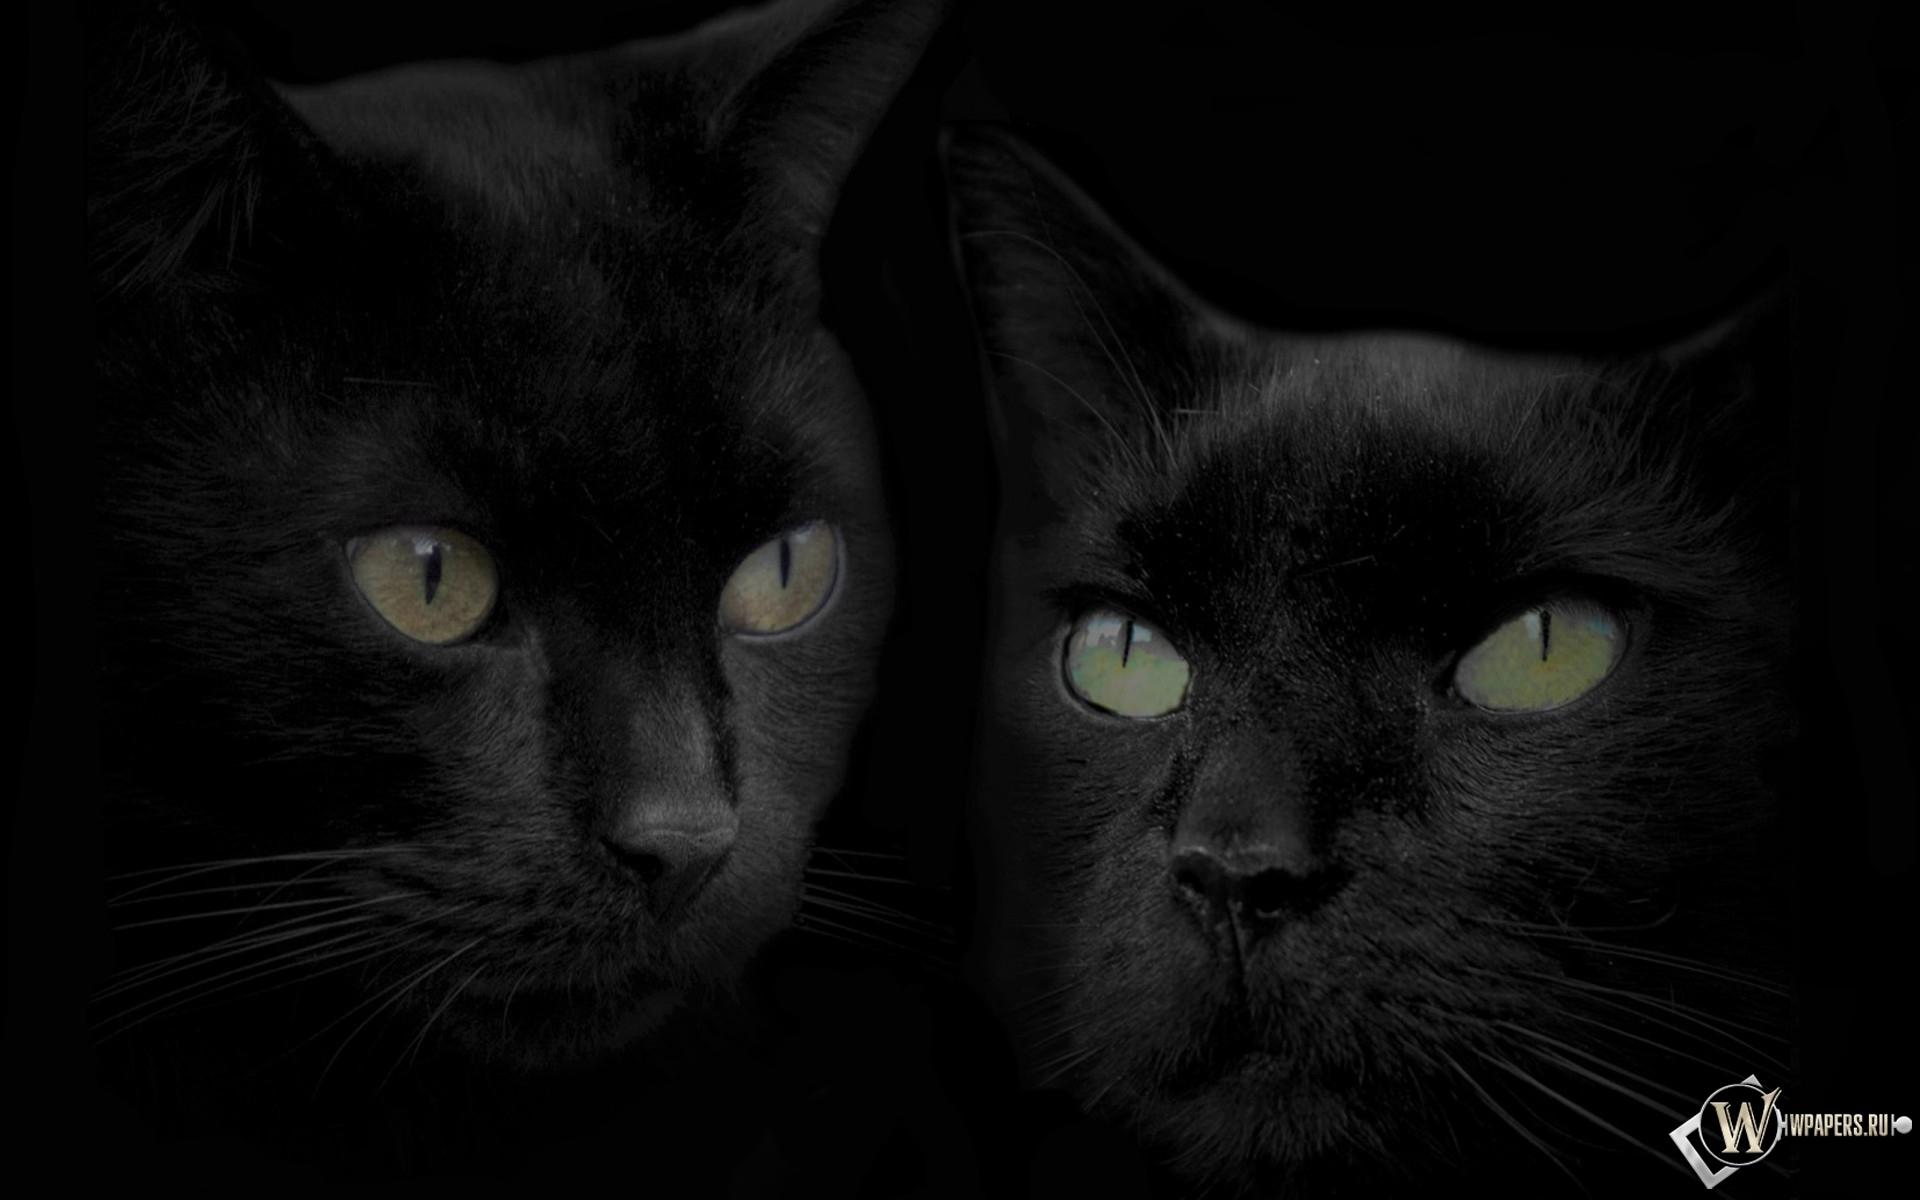 Обои черные кошки чёрный кошки коты